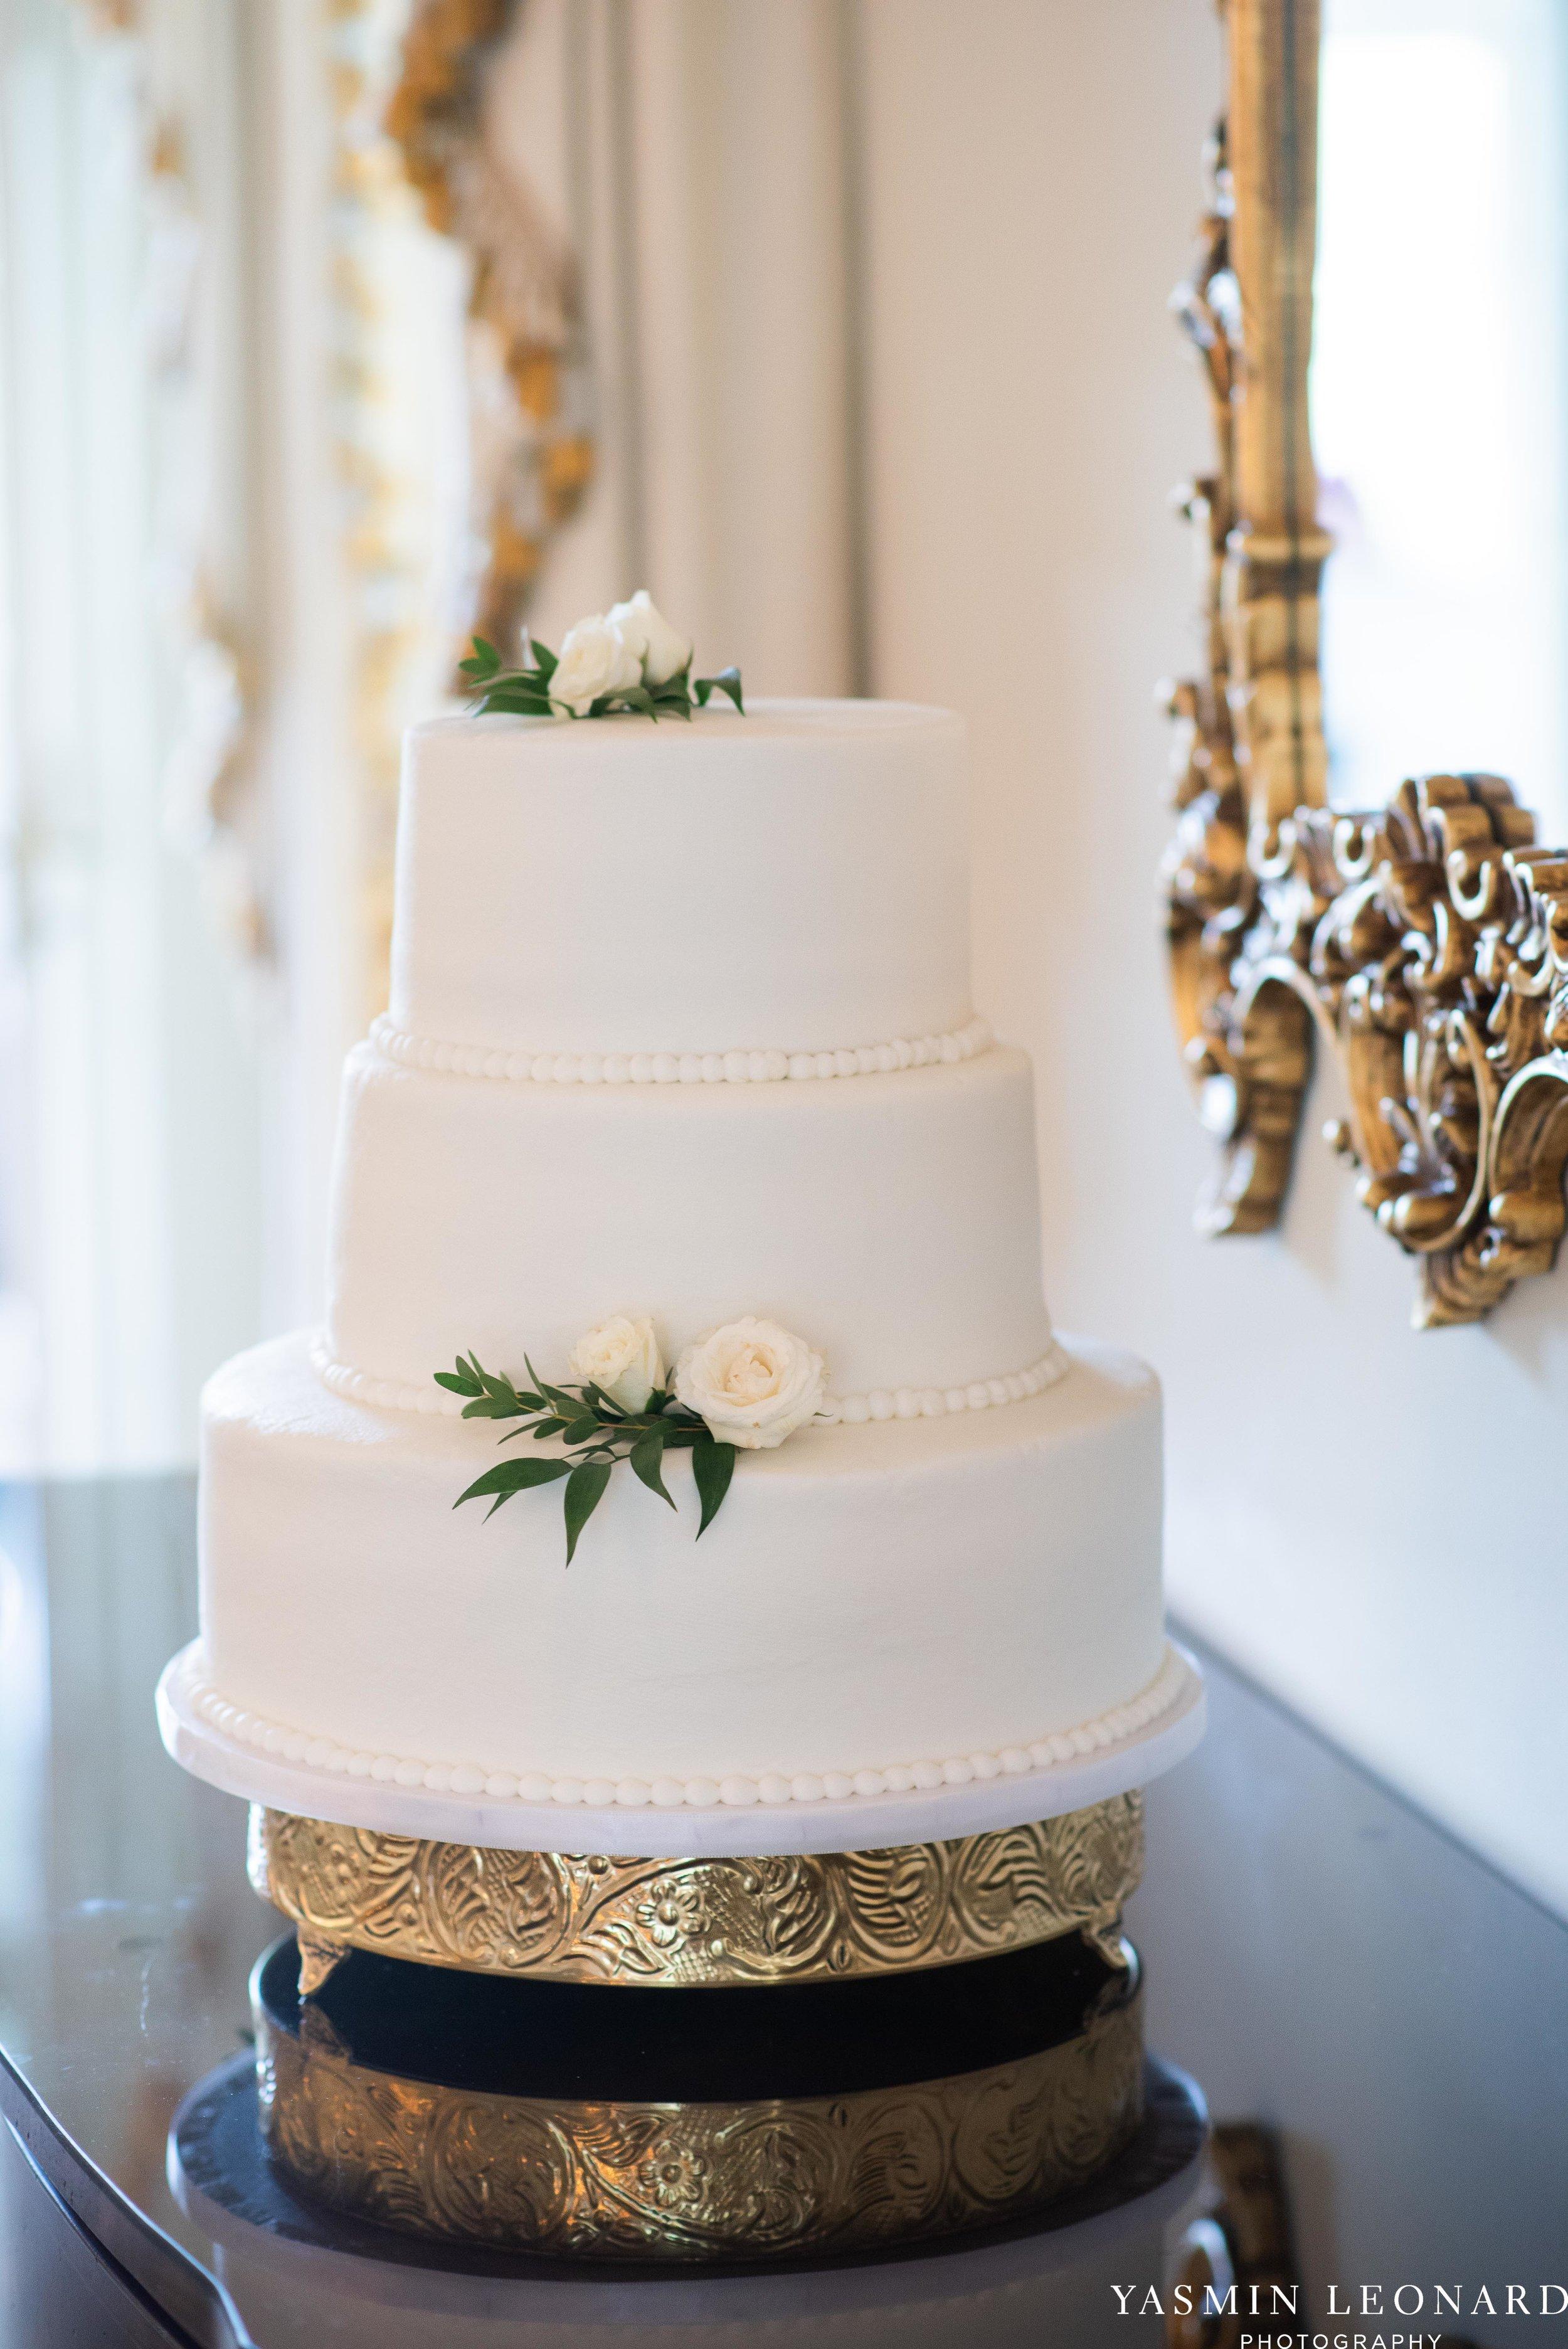 Boxwood Estate - Boxwood Estate Wedding - Luxury Wedding - Black and White Wedding - NC Wedding Venues - NC Weddings - NC Photographer - Lantern Release Grand Exit - Large Wedding Party - Yasmin Leonard Photography-3.jpg